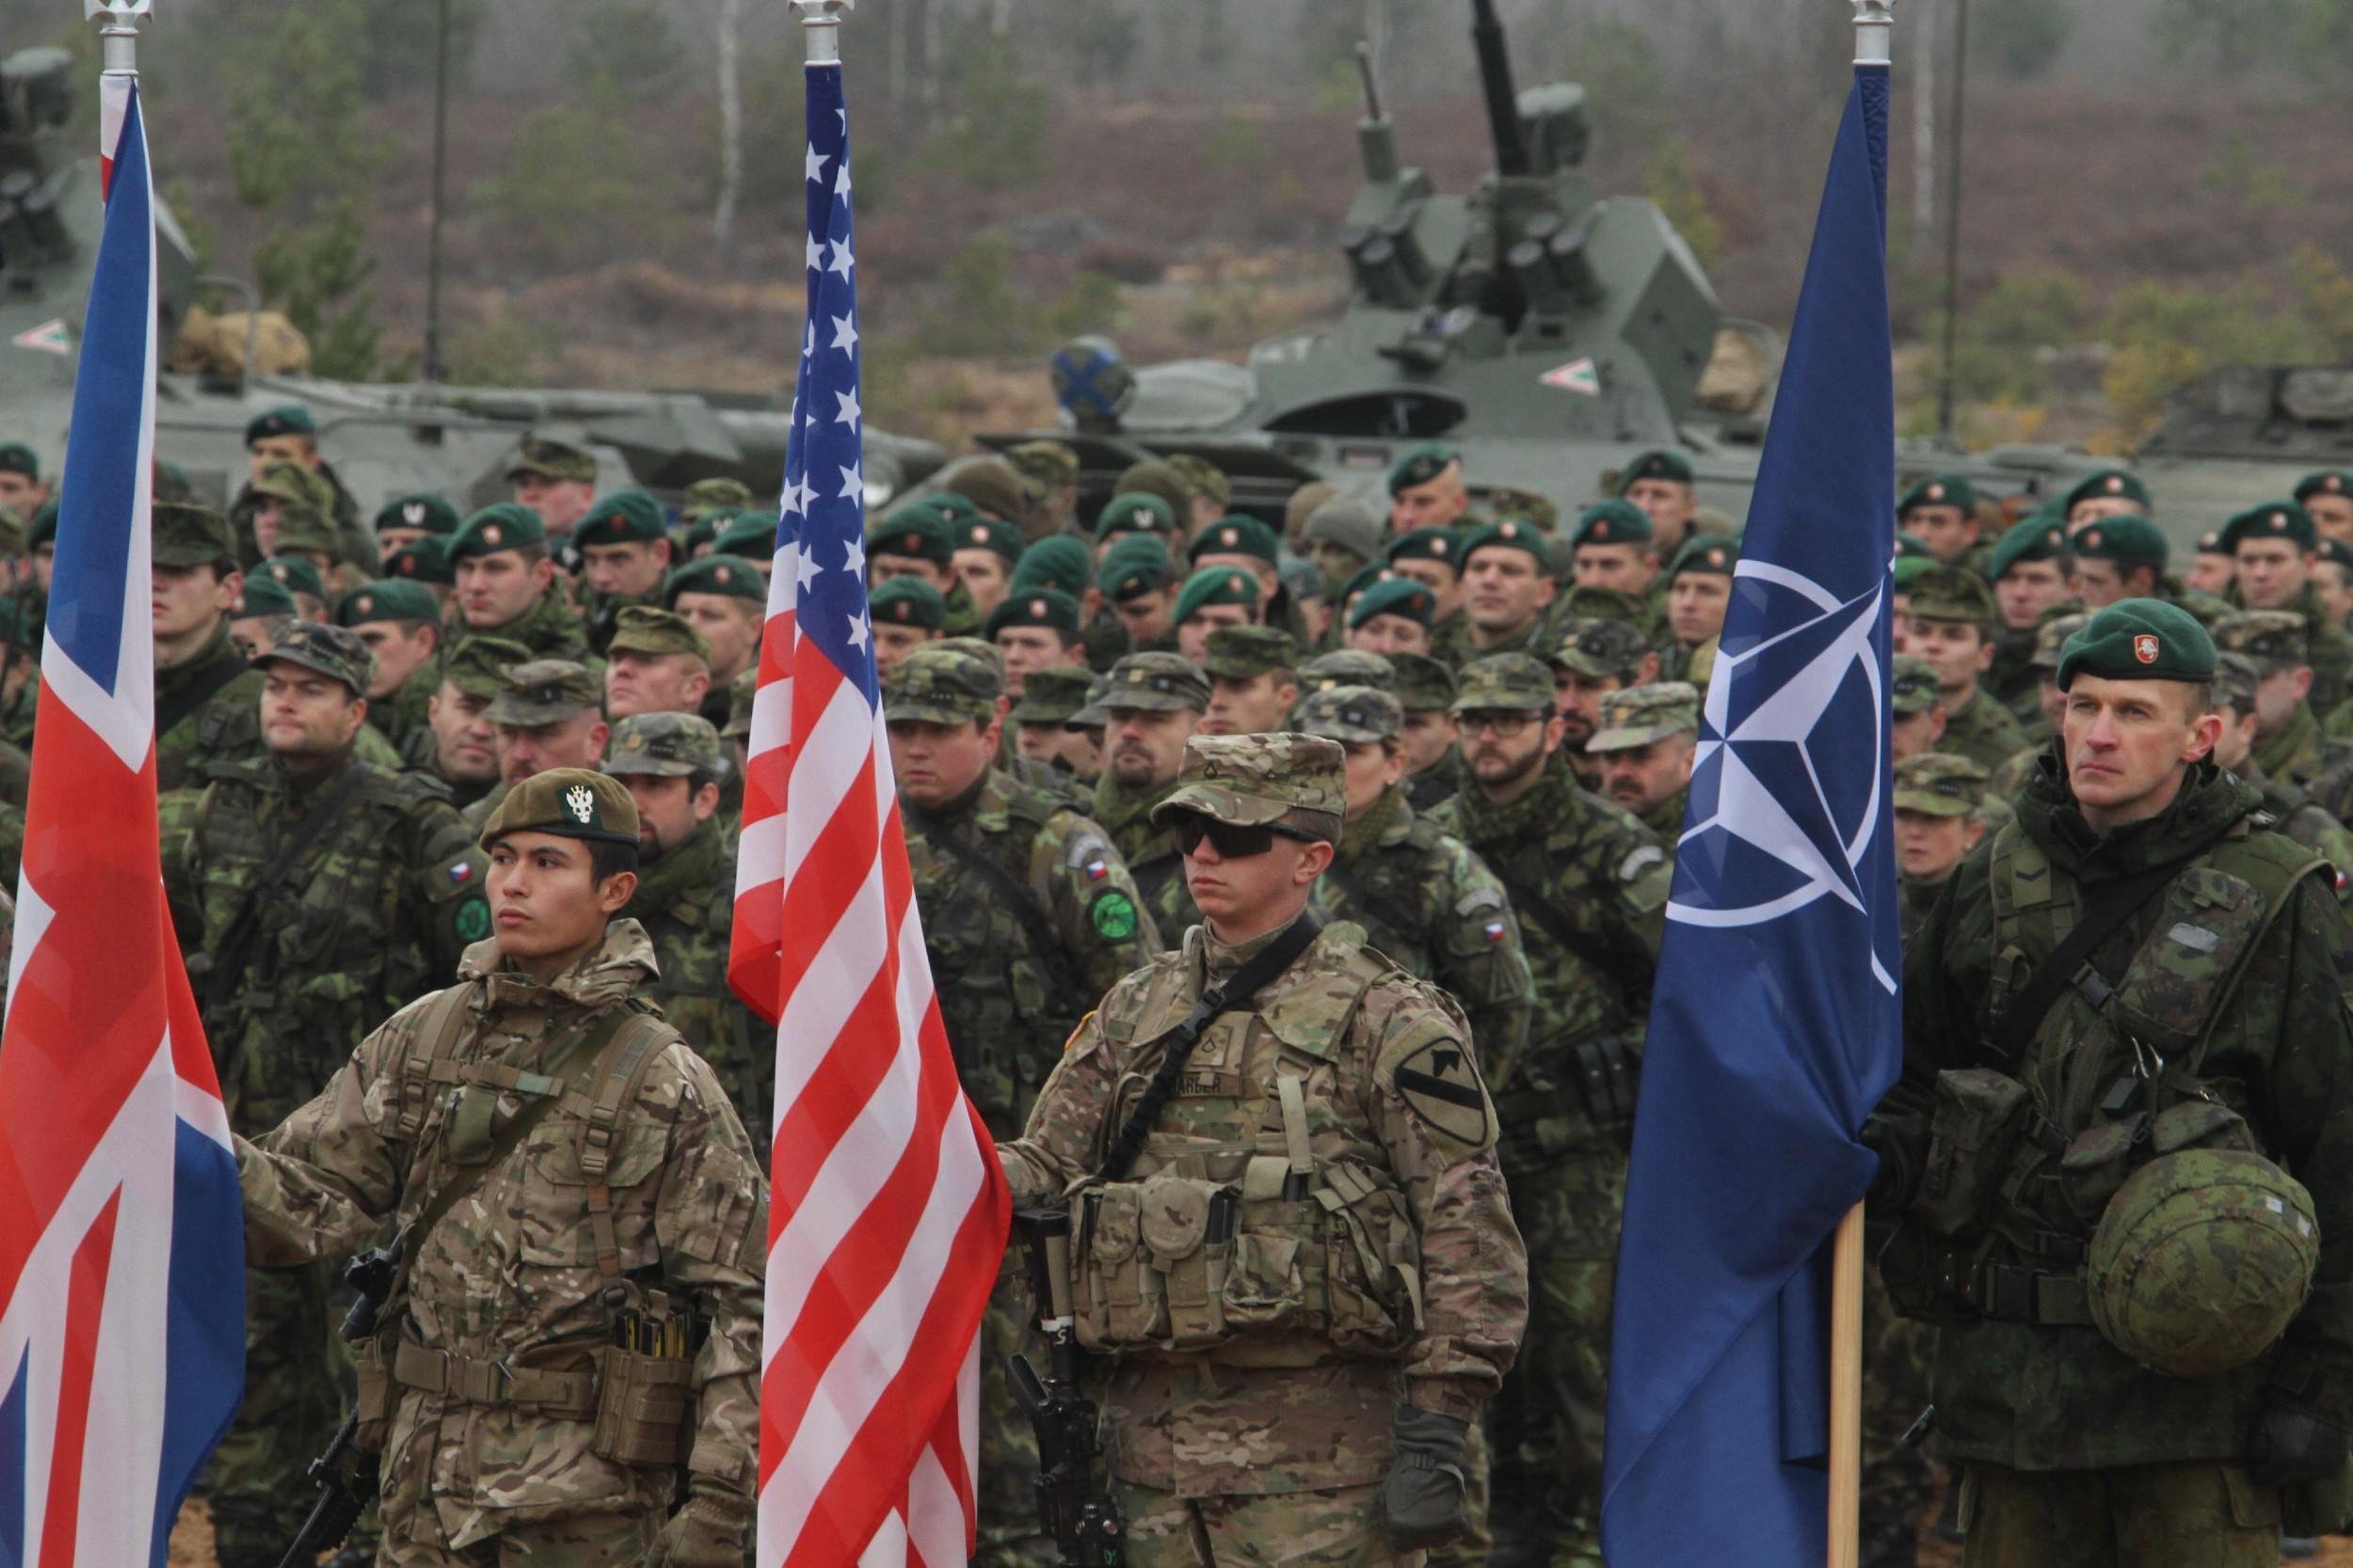 Војници држе заставе Велике Британије, НАТО и Сједињених Држава током НАТО војне вежбе, Пабраде, Литванија, 13. новембар 2014. (Фото: Staff Sgt. Keith Anderson)